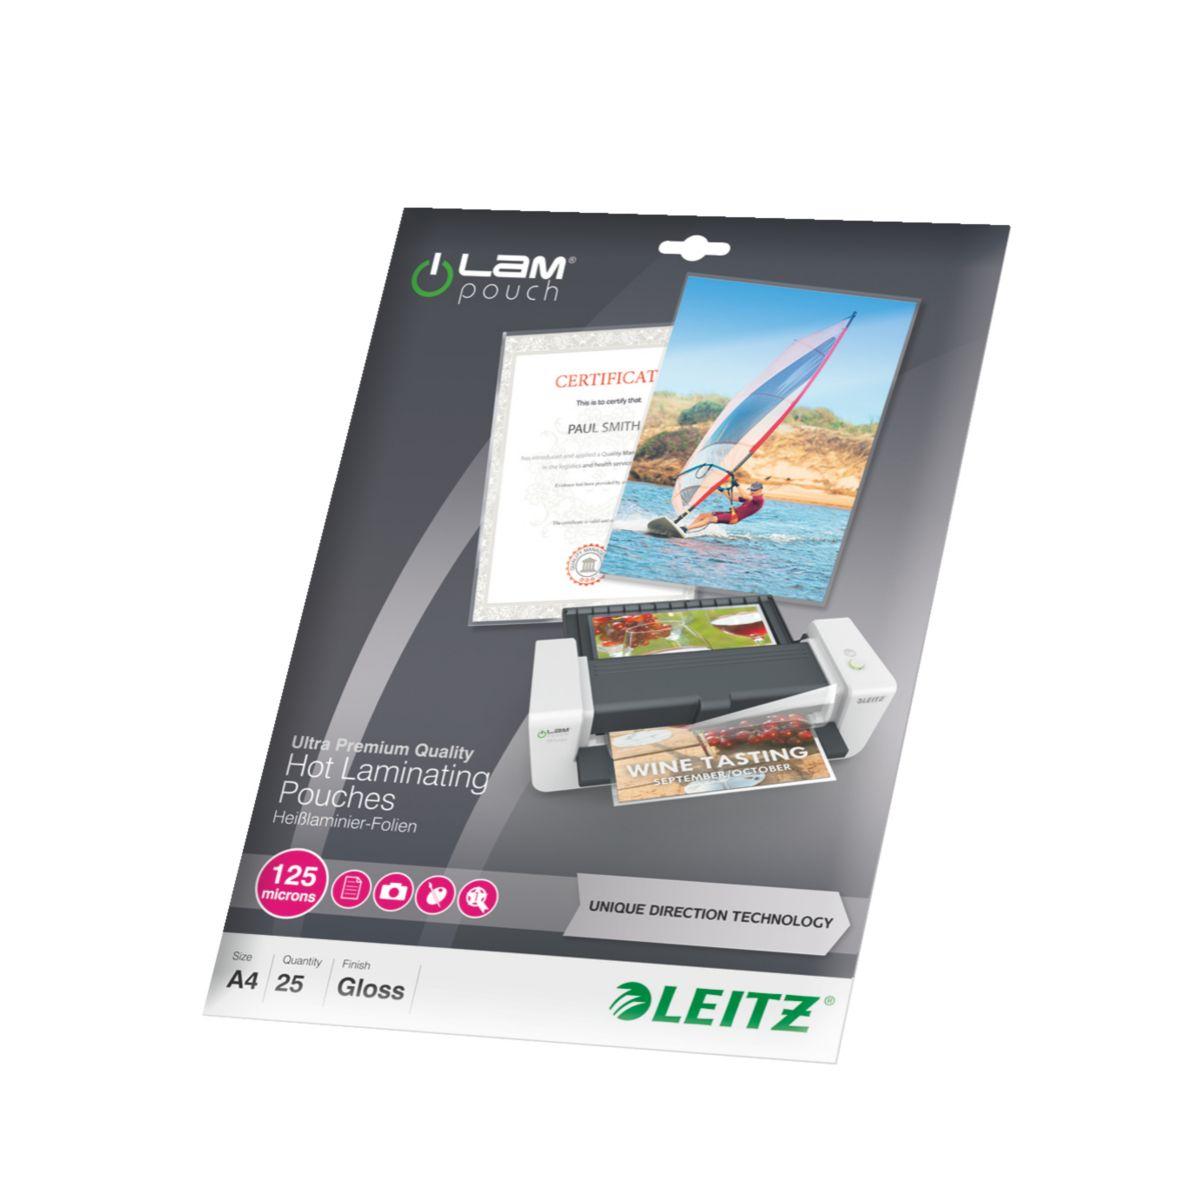 Consommable de bureau pour plastifieuse leitz pochettes 125 udt a4 boite de 25 (photo)